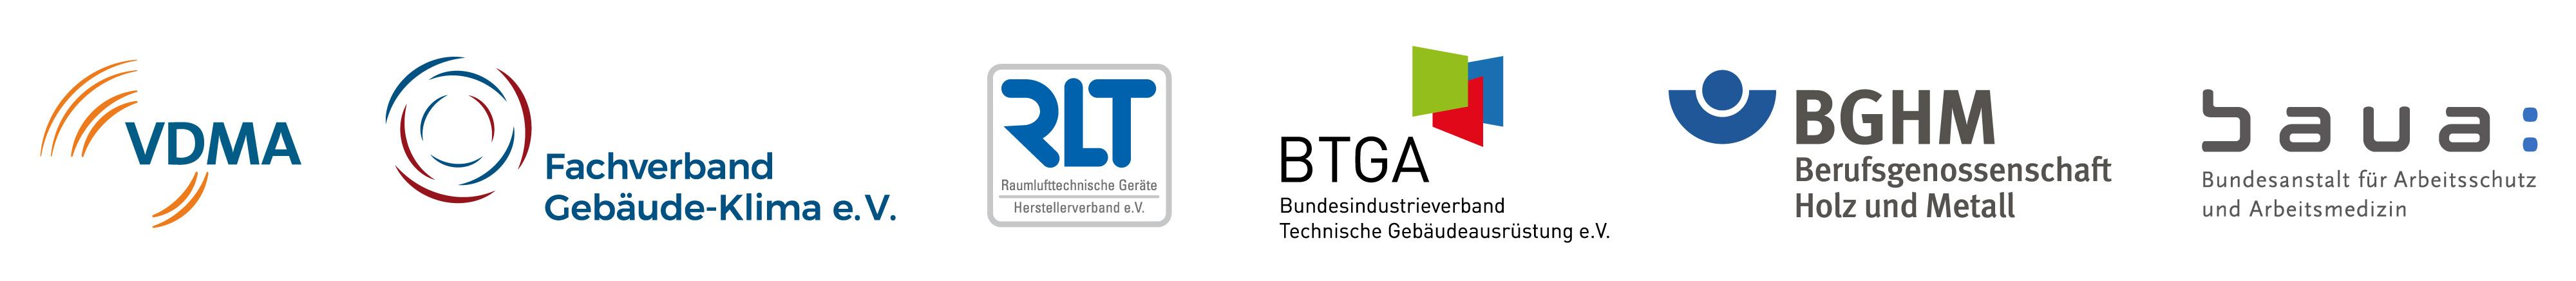 Hinsichtlich des Betriebes von lufttechnischen Anlagen in Nicht-Wohngebäuden gelten die Empfehlungen der relevanten Fachverbände VDMA, Fachverband Gebäude-Klima e.V., RLT, BTGA, BGHM.